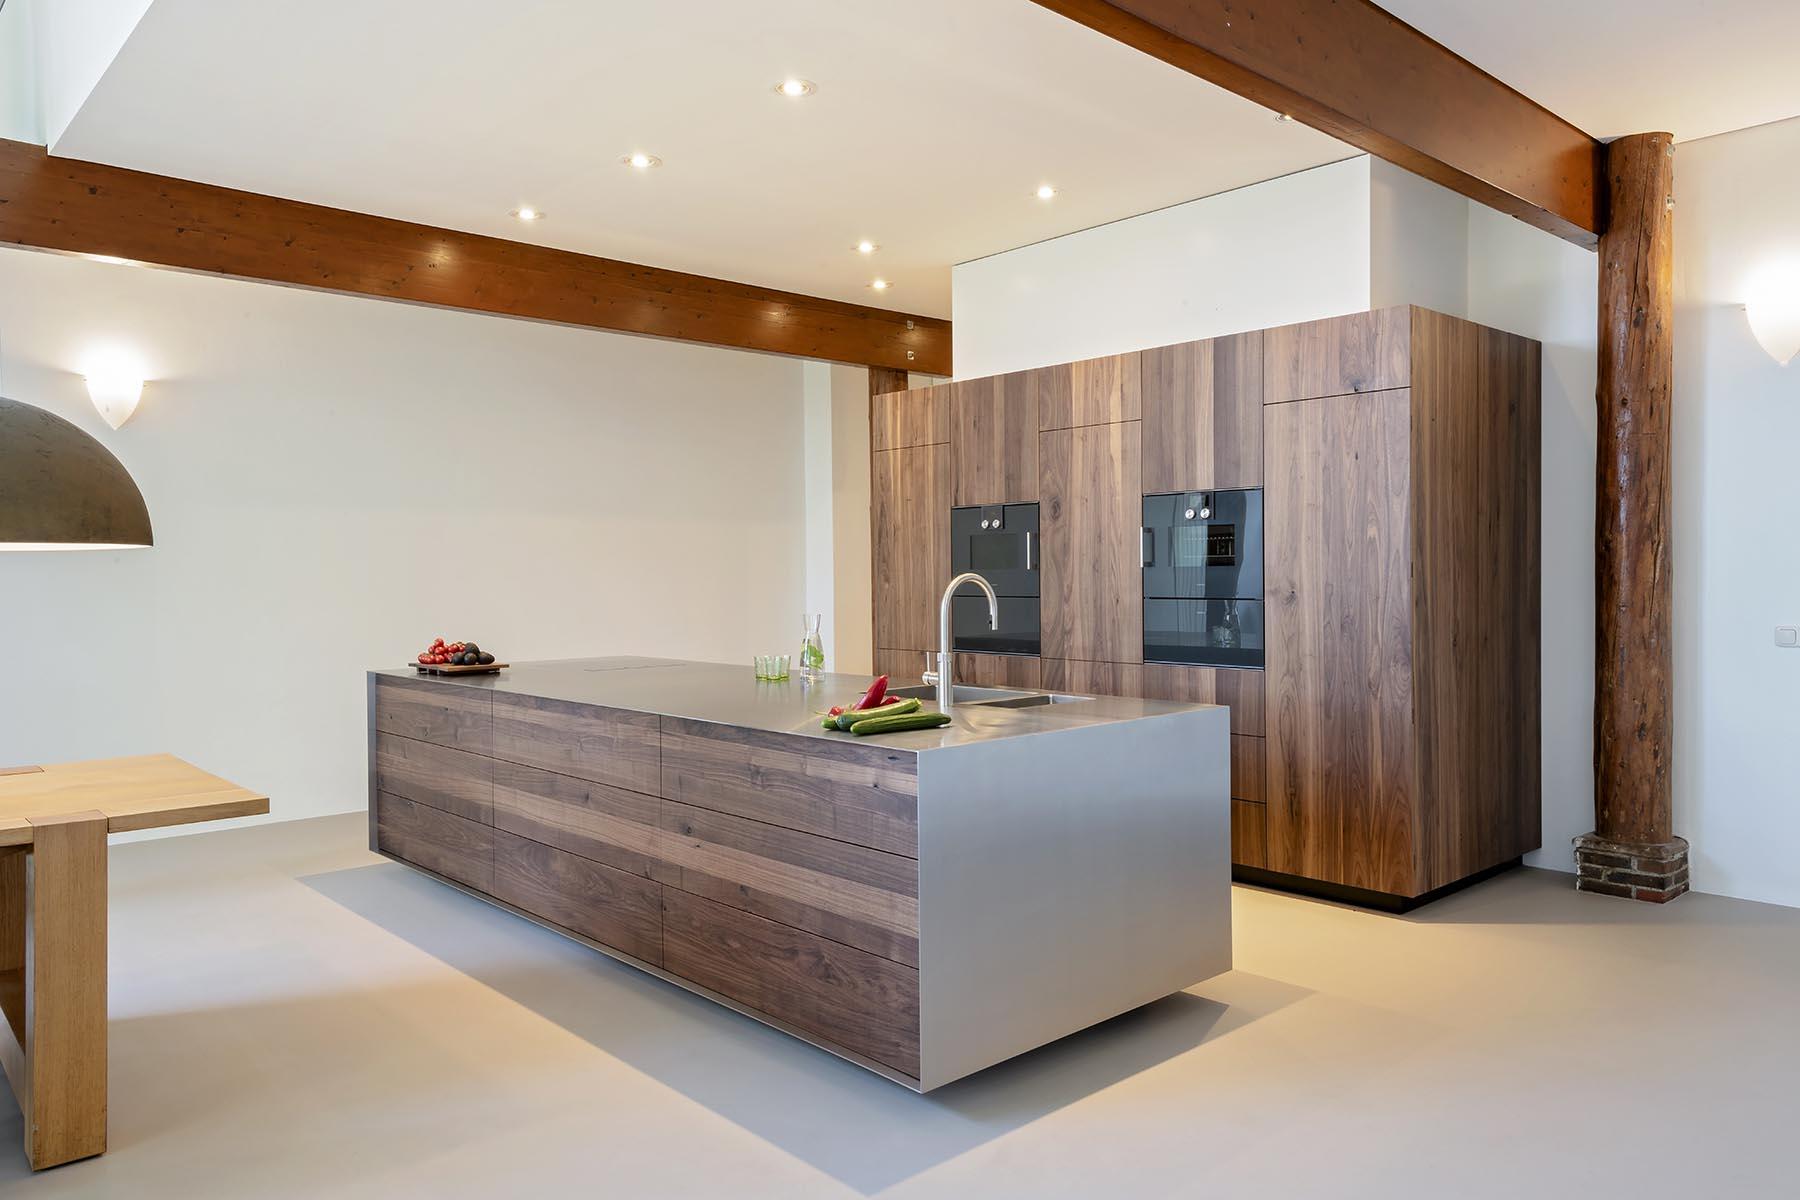 maatwerk notenhouten keuken